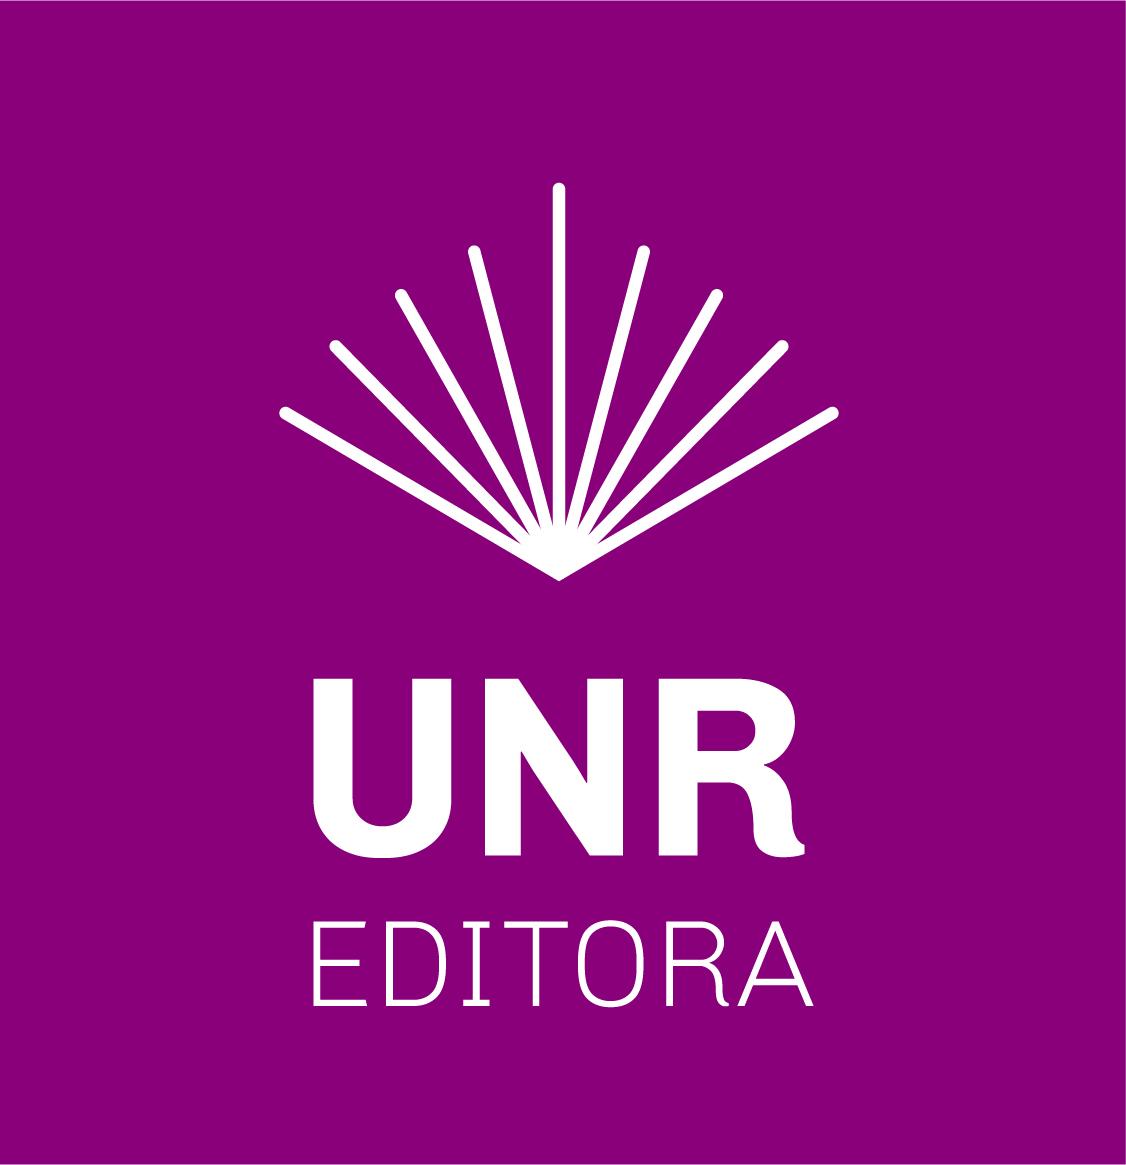 UNR Editora